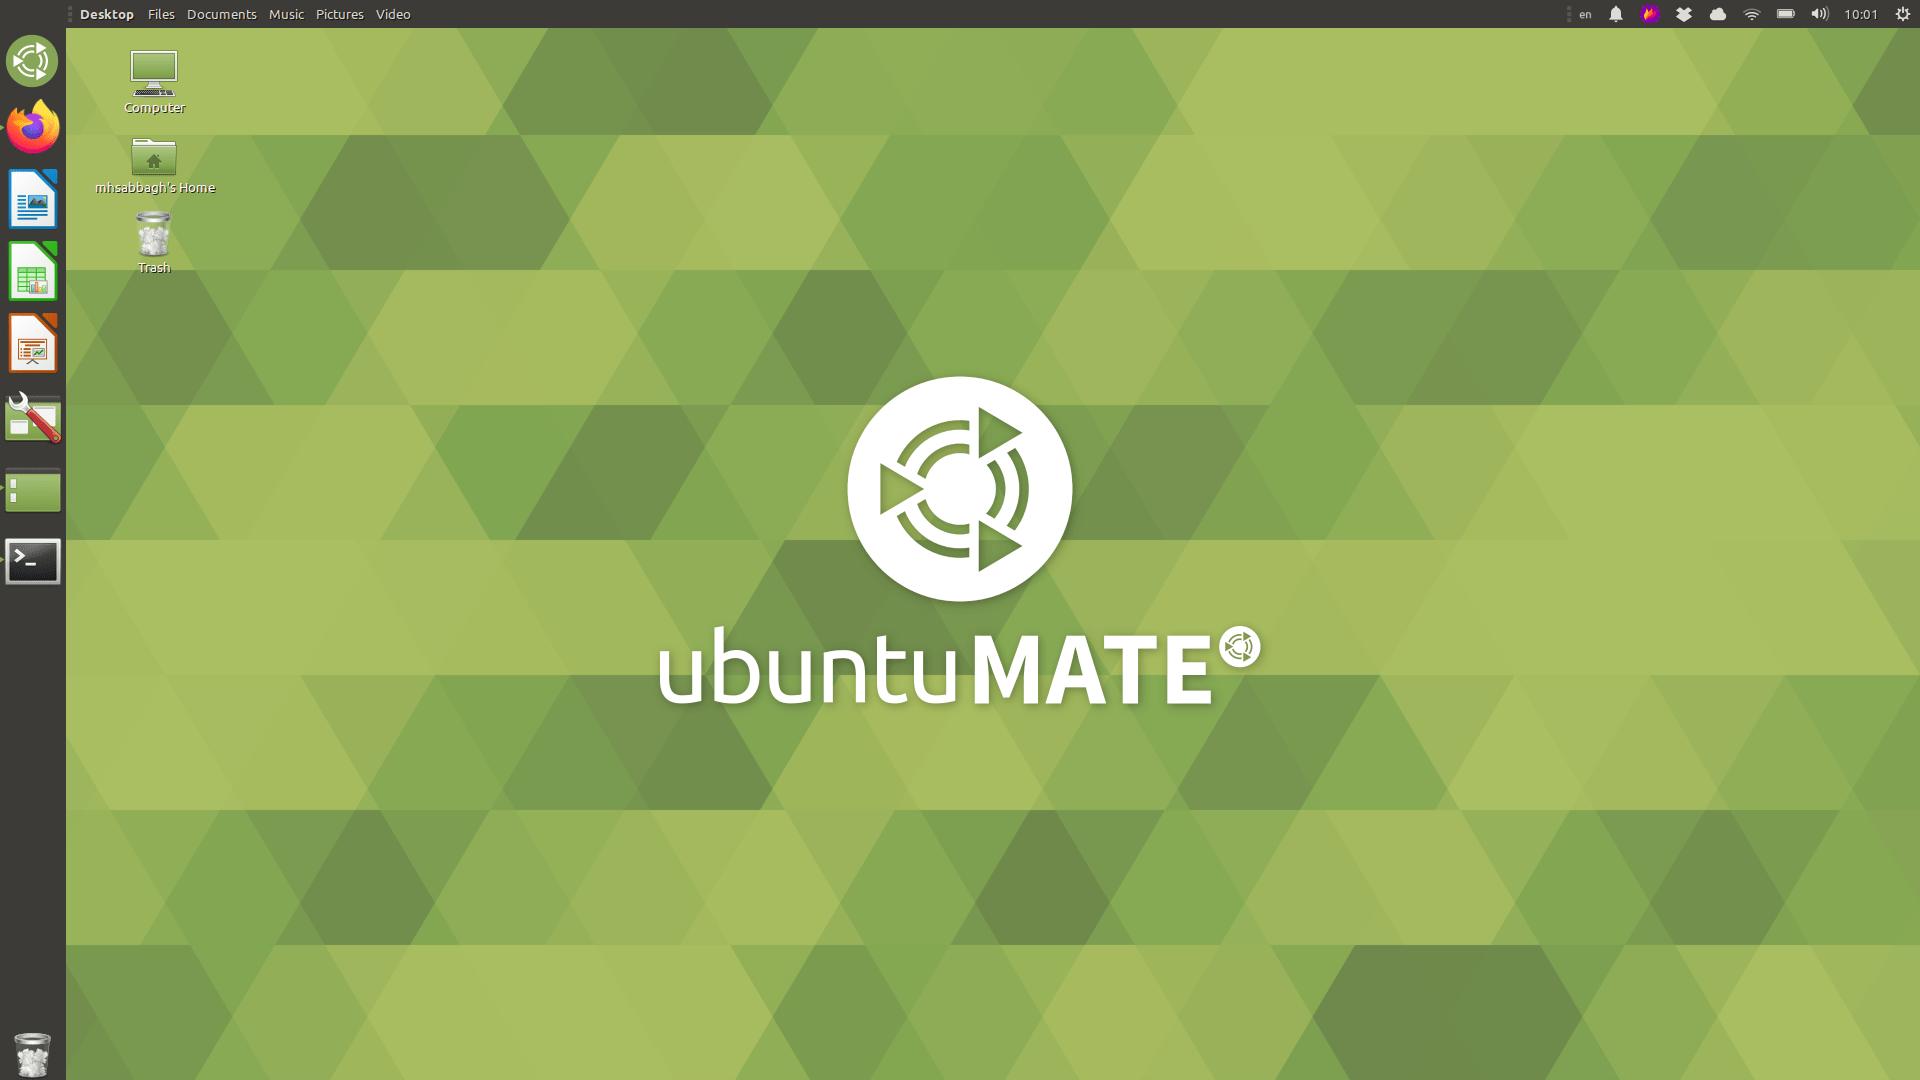 linux 1 January 12, 2020